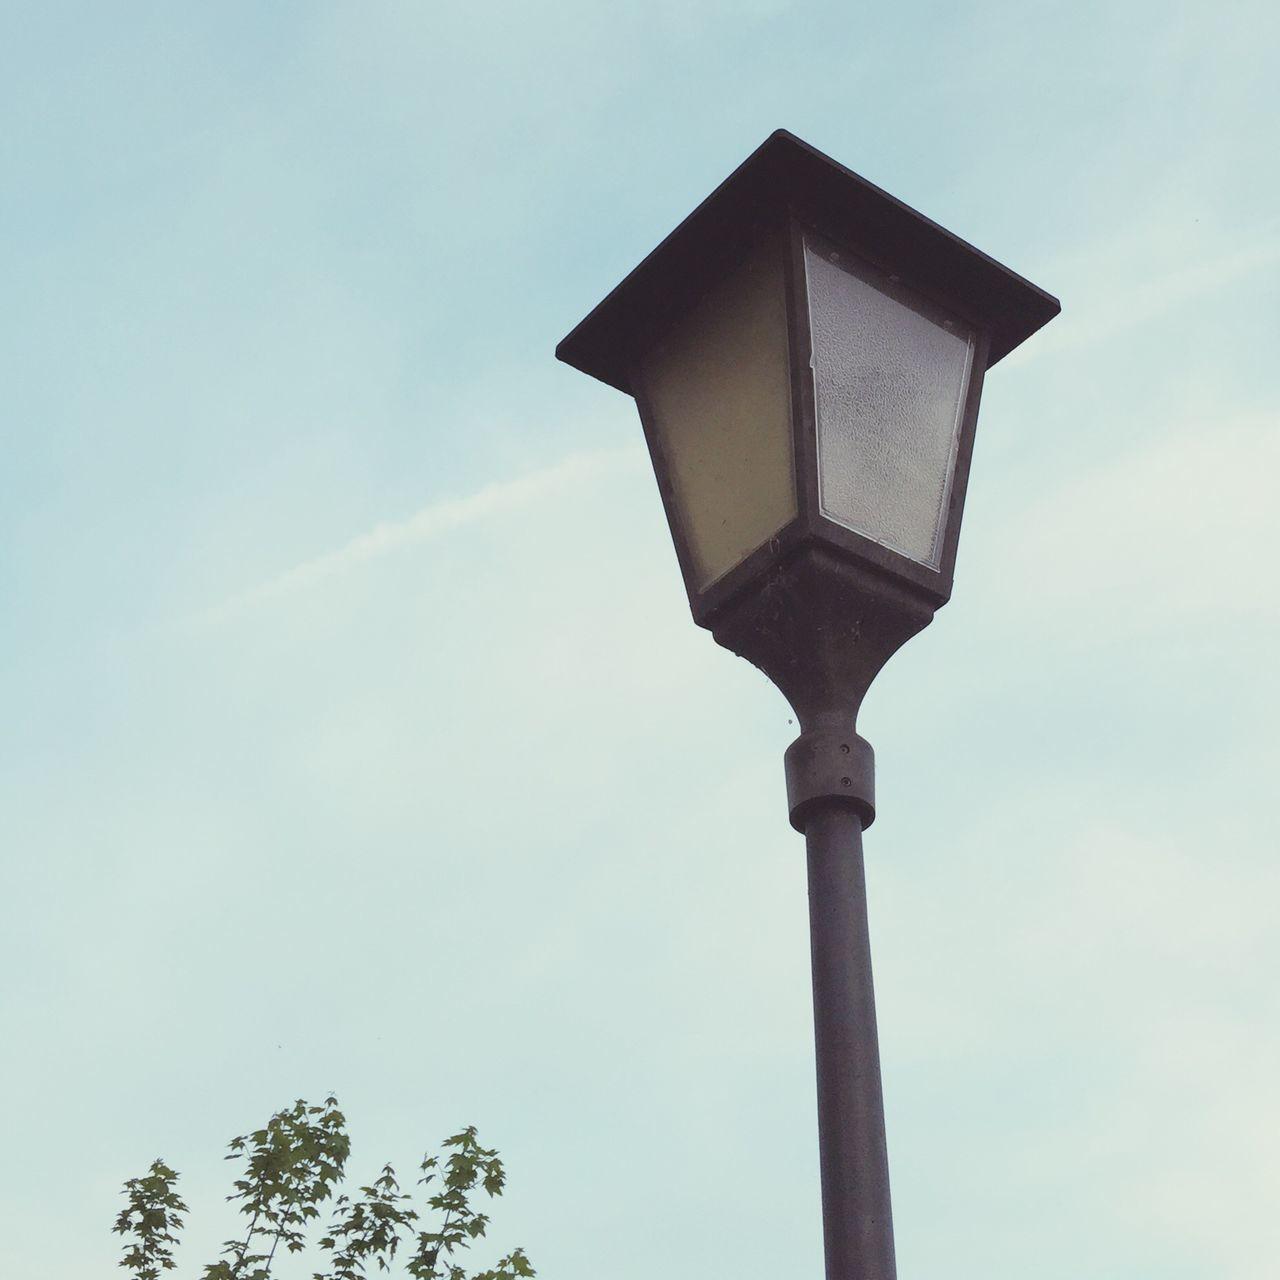 Street Light Laterne Licht Blätter Himmel Straßenfotografie Strassenlaterne Strassenlampe Lampe Straße Lichter Grüne Blätter Baum Blauer Himmel Blue Sky Streetphotography Street Light